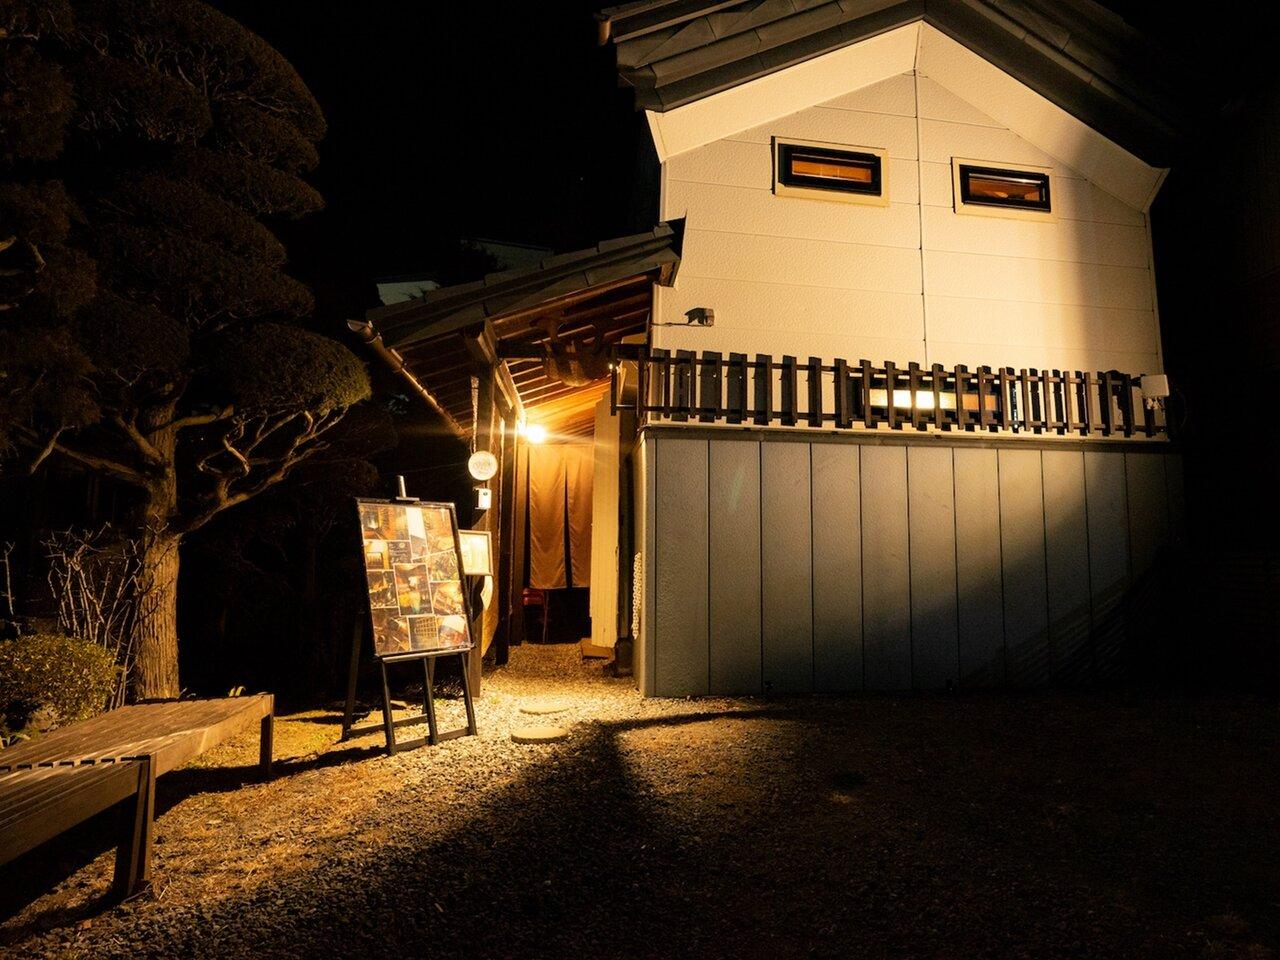 河口湖にある隠れ家Bar!夜ご飯の後にしっぽり楽しむ秘密の場所…日本古来の蔵をリノベーションしたBar『OarBlue(オールブルー)』